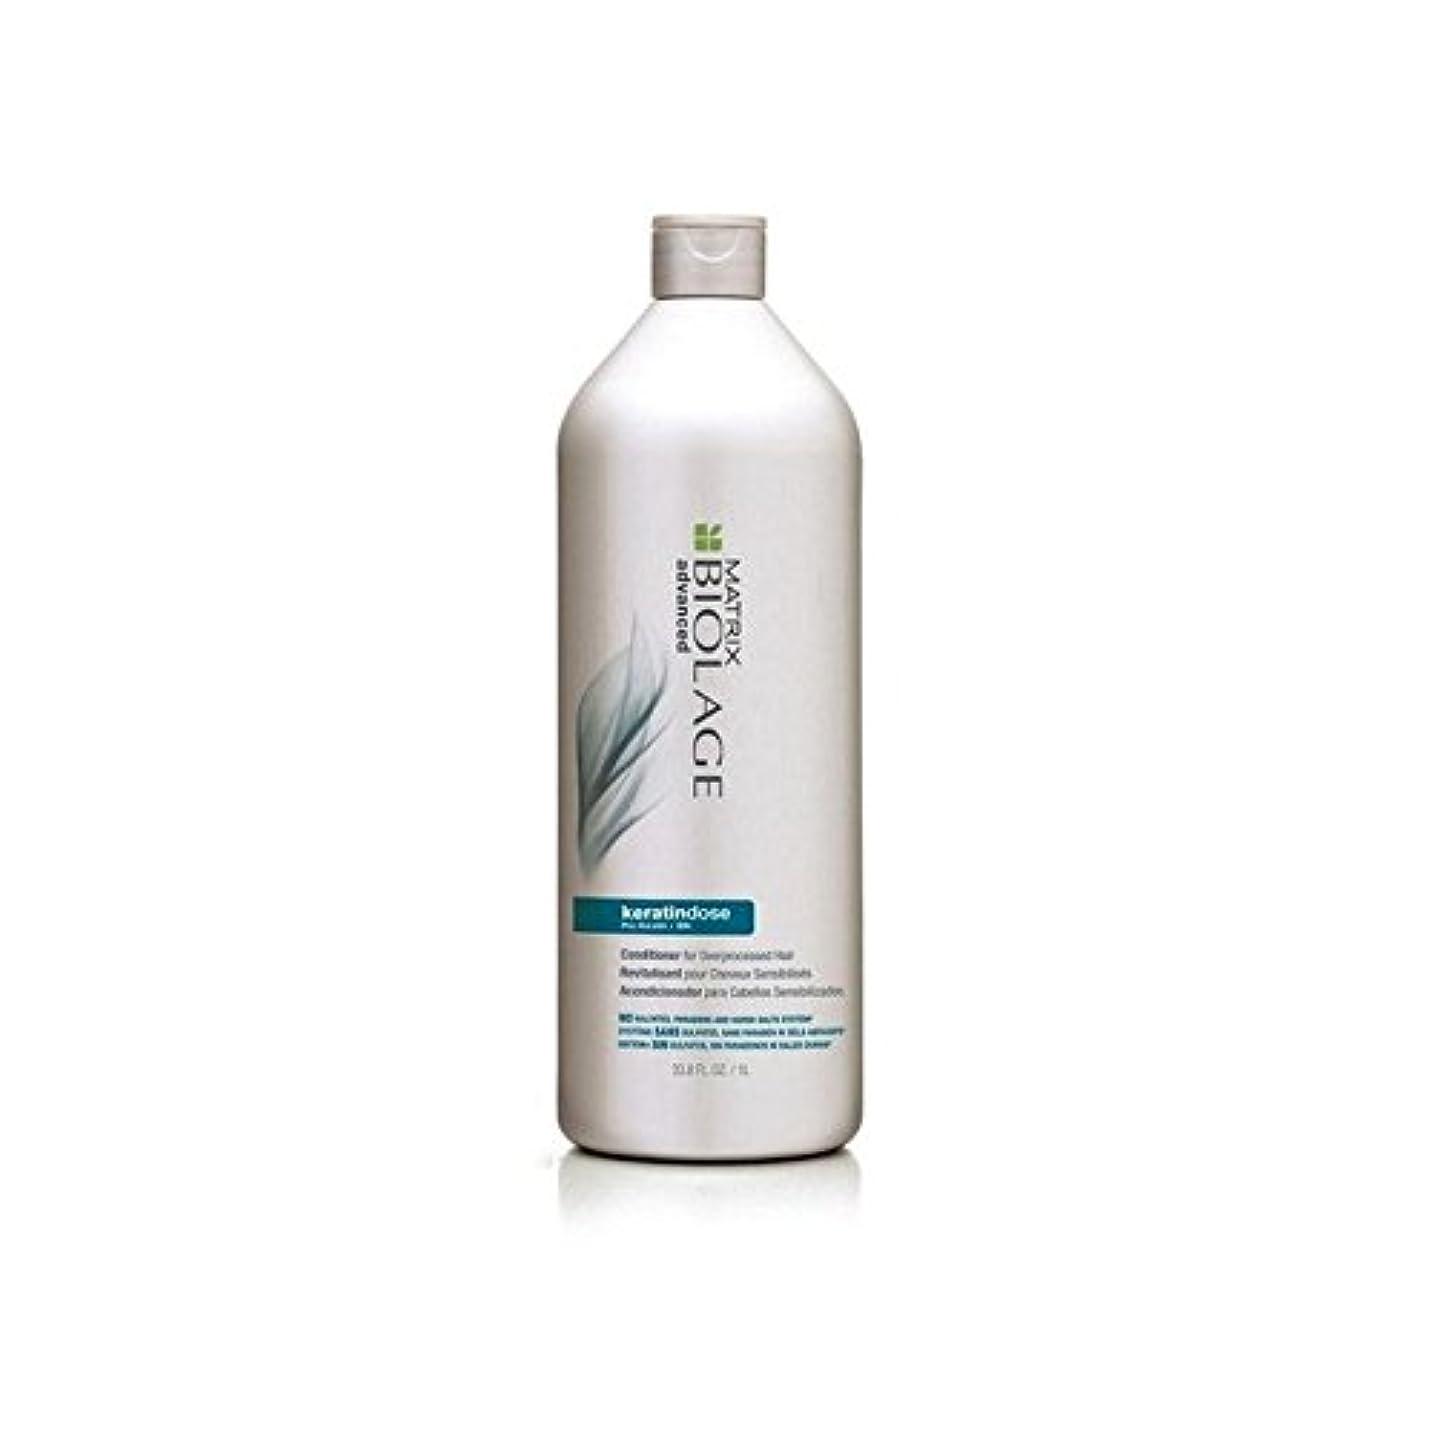 眠り運命的な節約マトリックスバイオレイジコンディショナー(千ミリリットル) x4 - Matrix Biolage Keratindose Conditioner (1000ml) (Pack of 4) [並行輸入品]